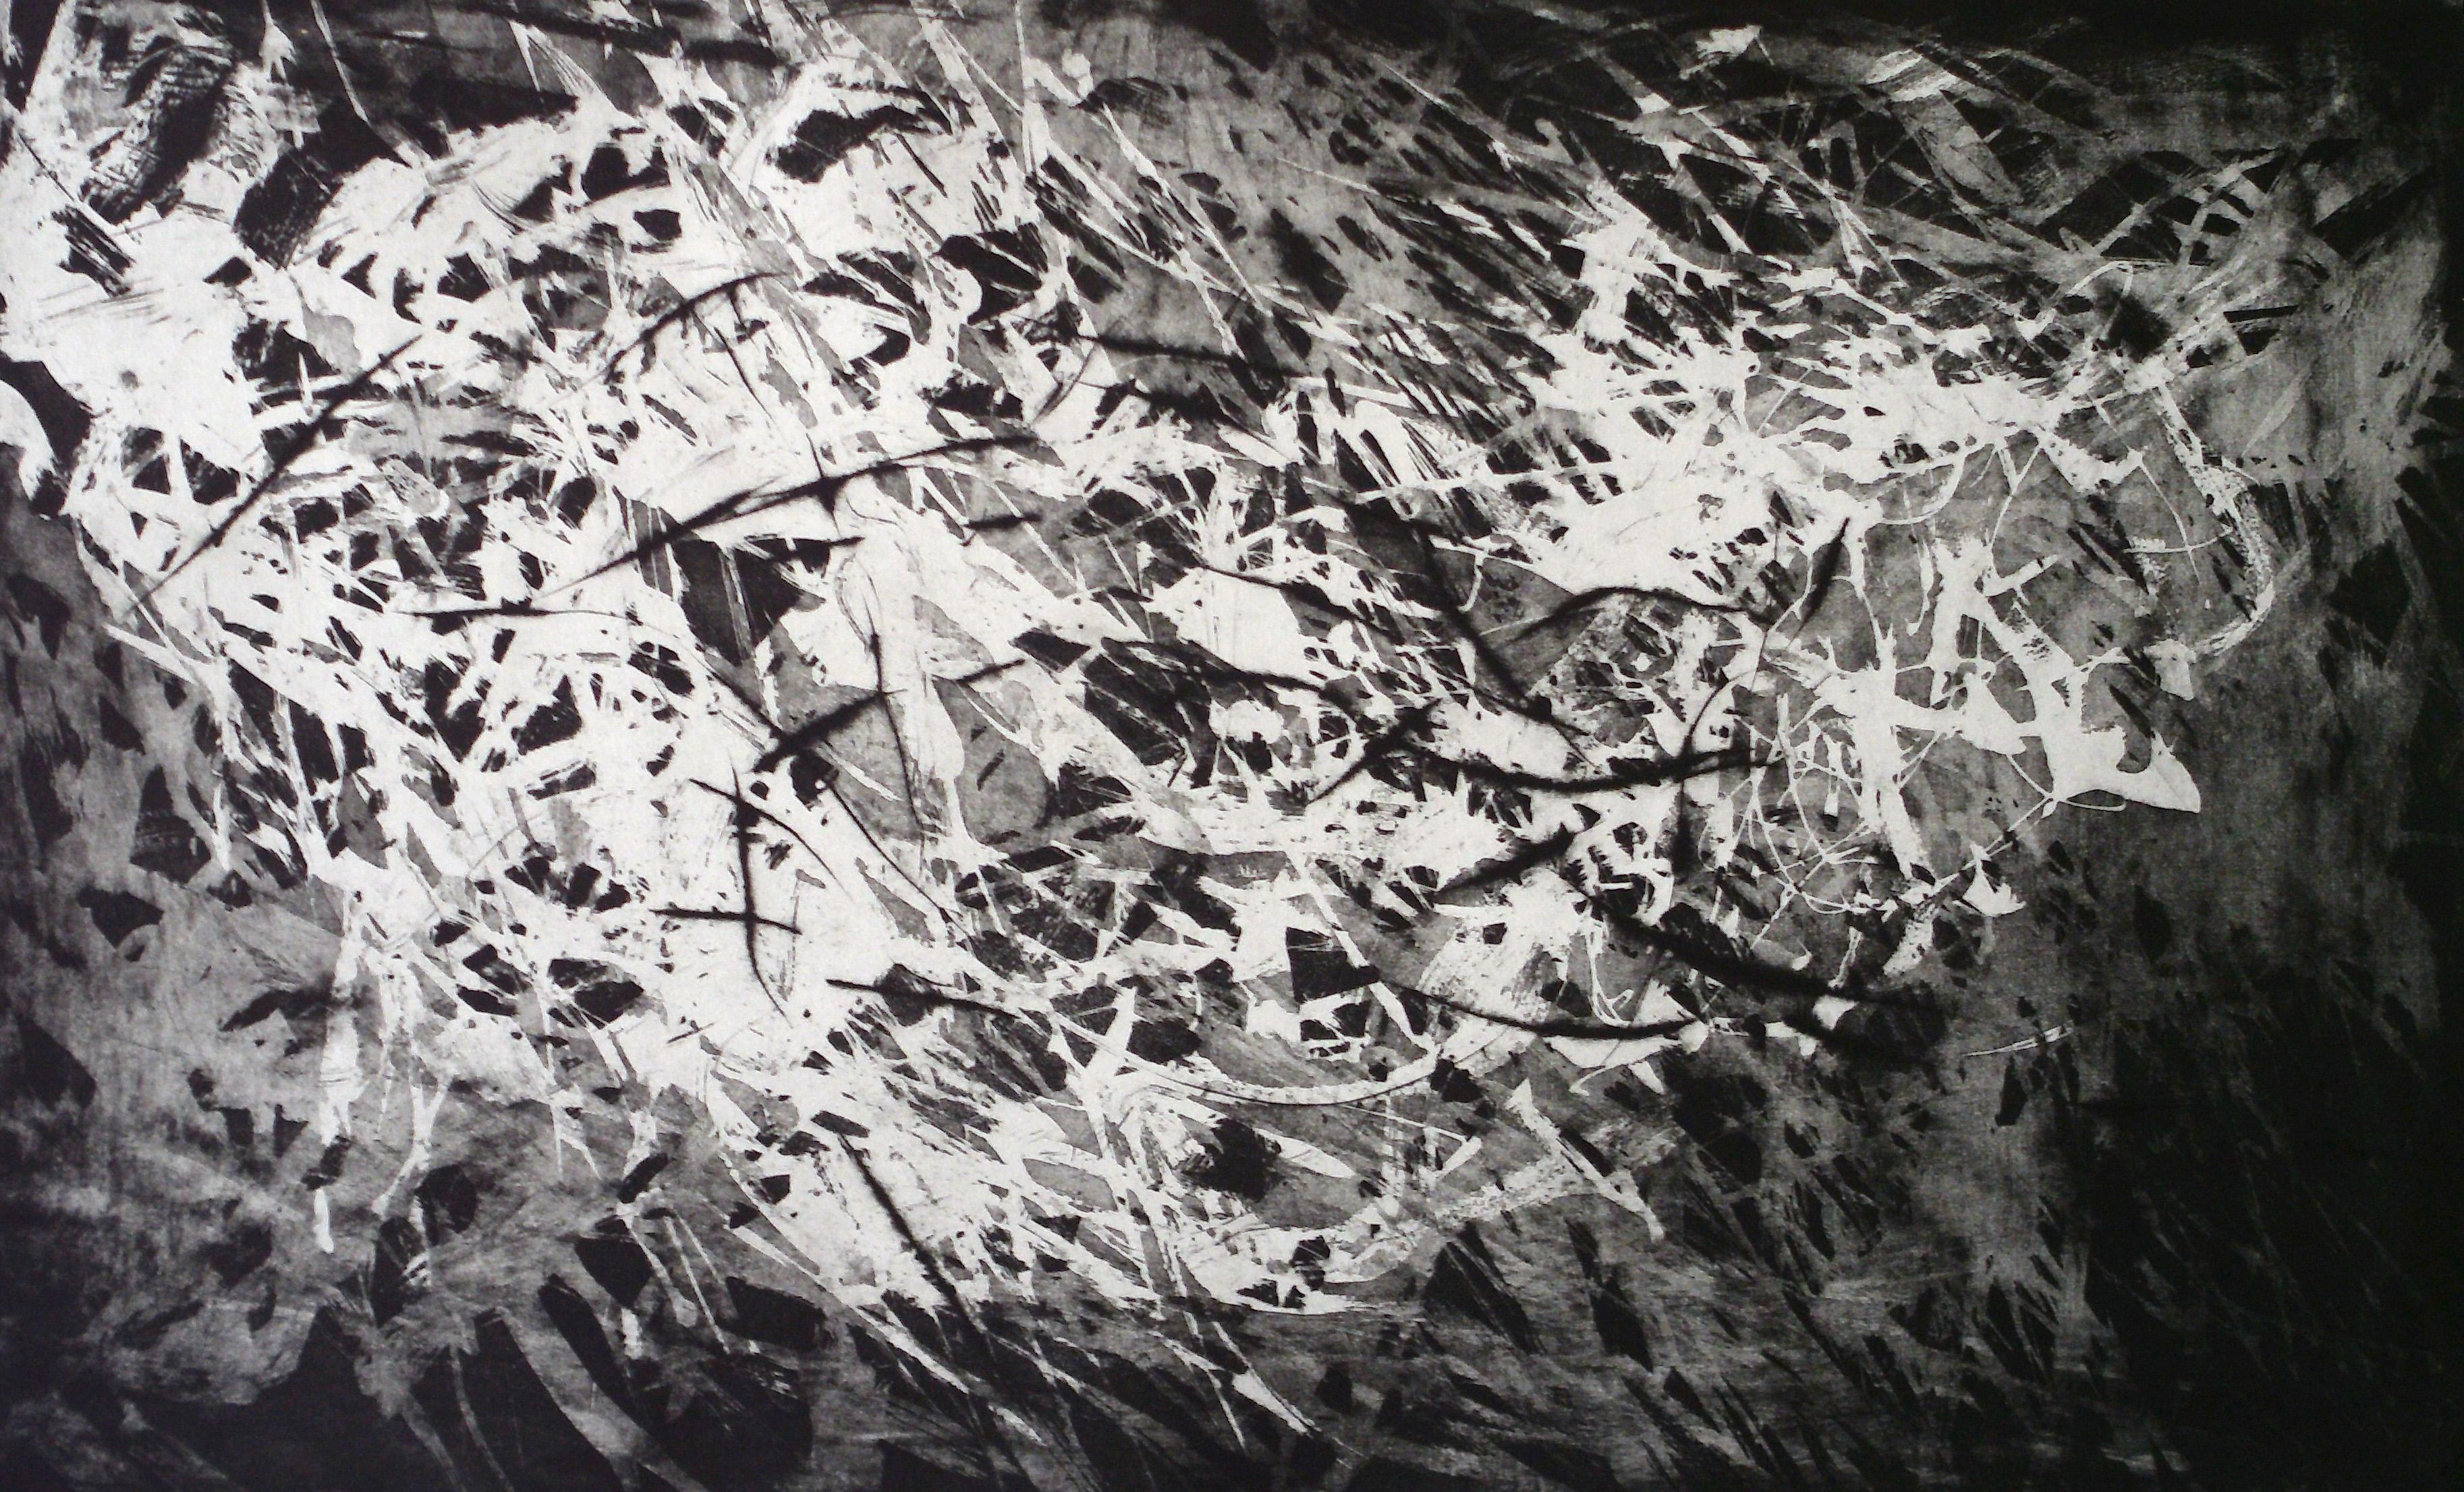 07-kerstin_franke-gneuss-nachtlicht-2012-aquatinta_kaltnadelradierung-55.0x88.4